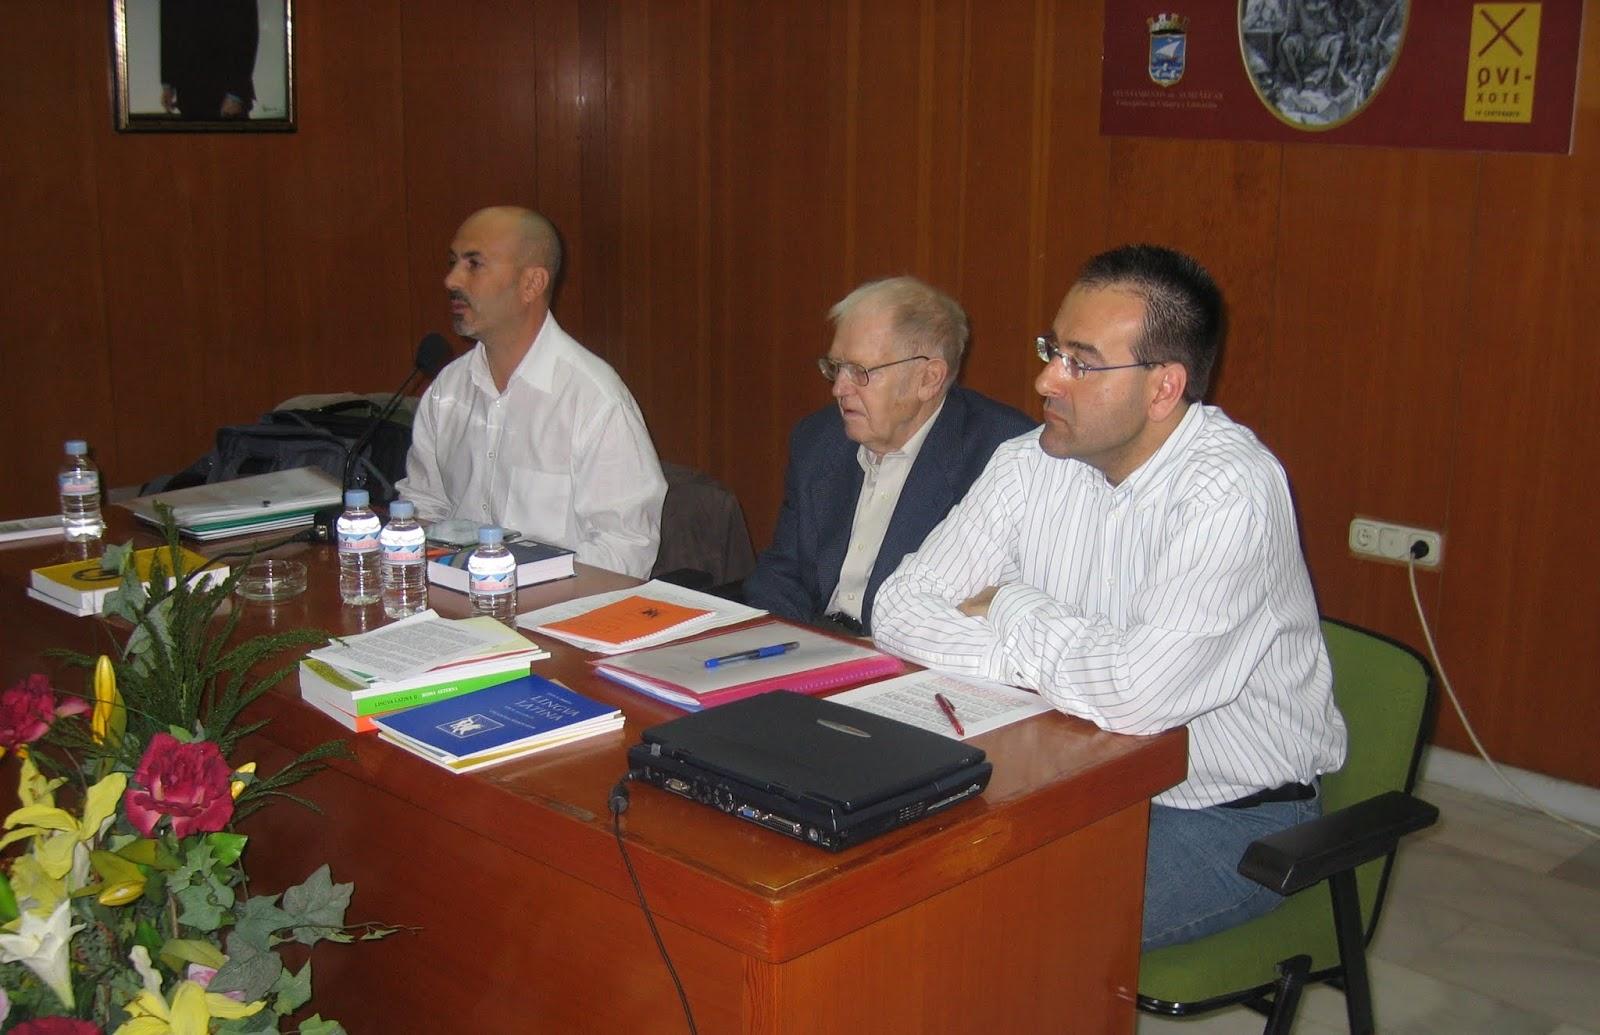 De izq. a dcha., Antonio G. Amador, Hans Orberg y Emilio Canales